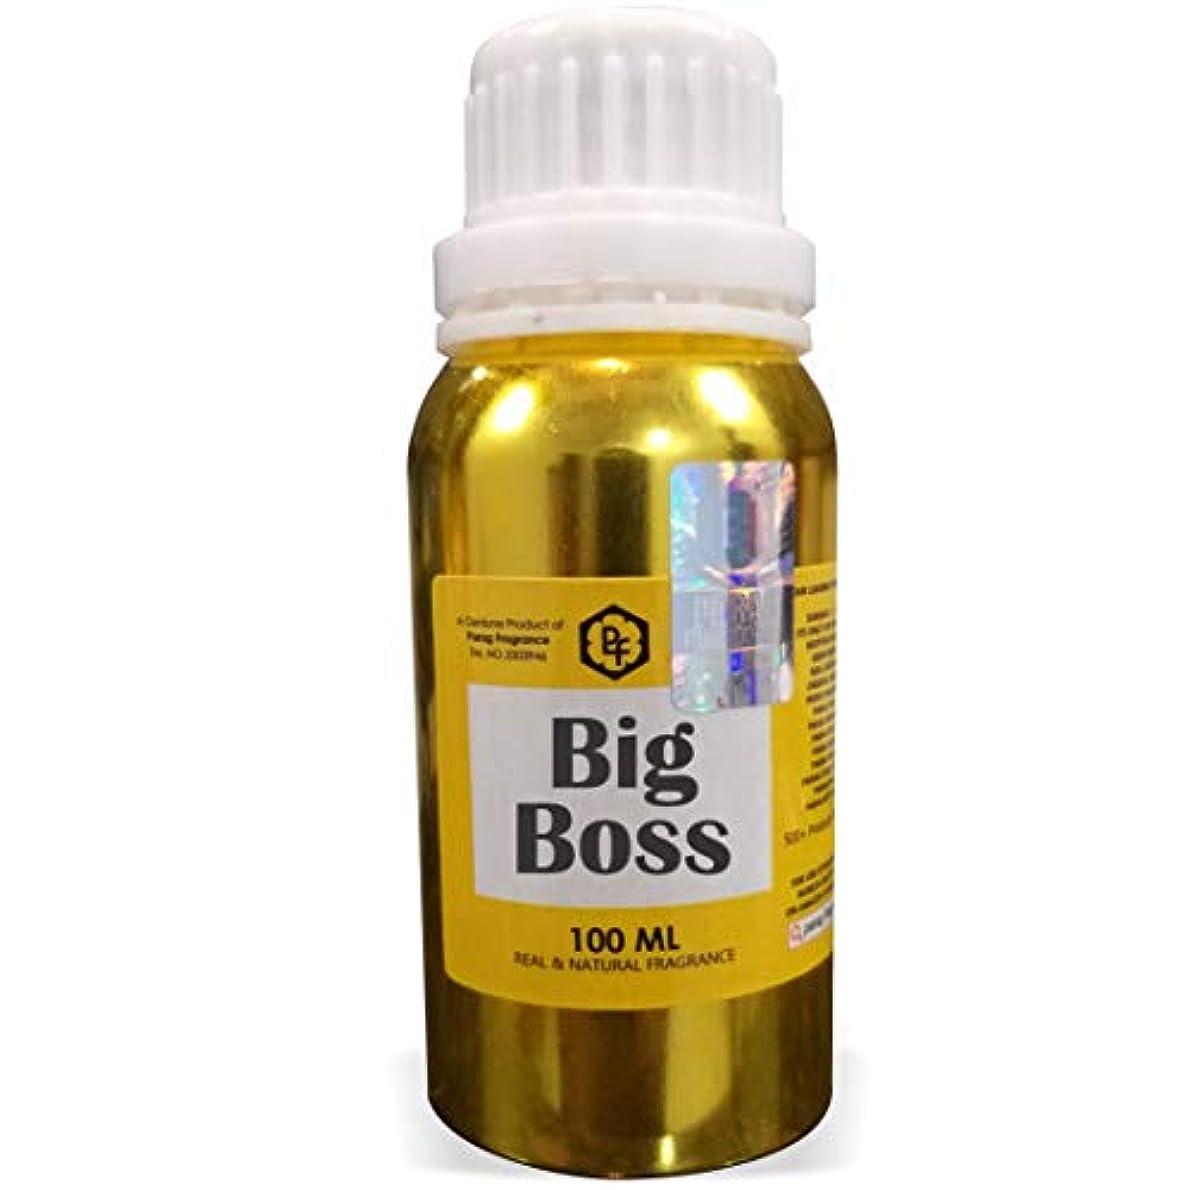 条件付き睡眠難しいParagフレグランスビッグボスアター100ミリリットル(男性用アルコールフリーアター)香油| 香り| ITRA